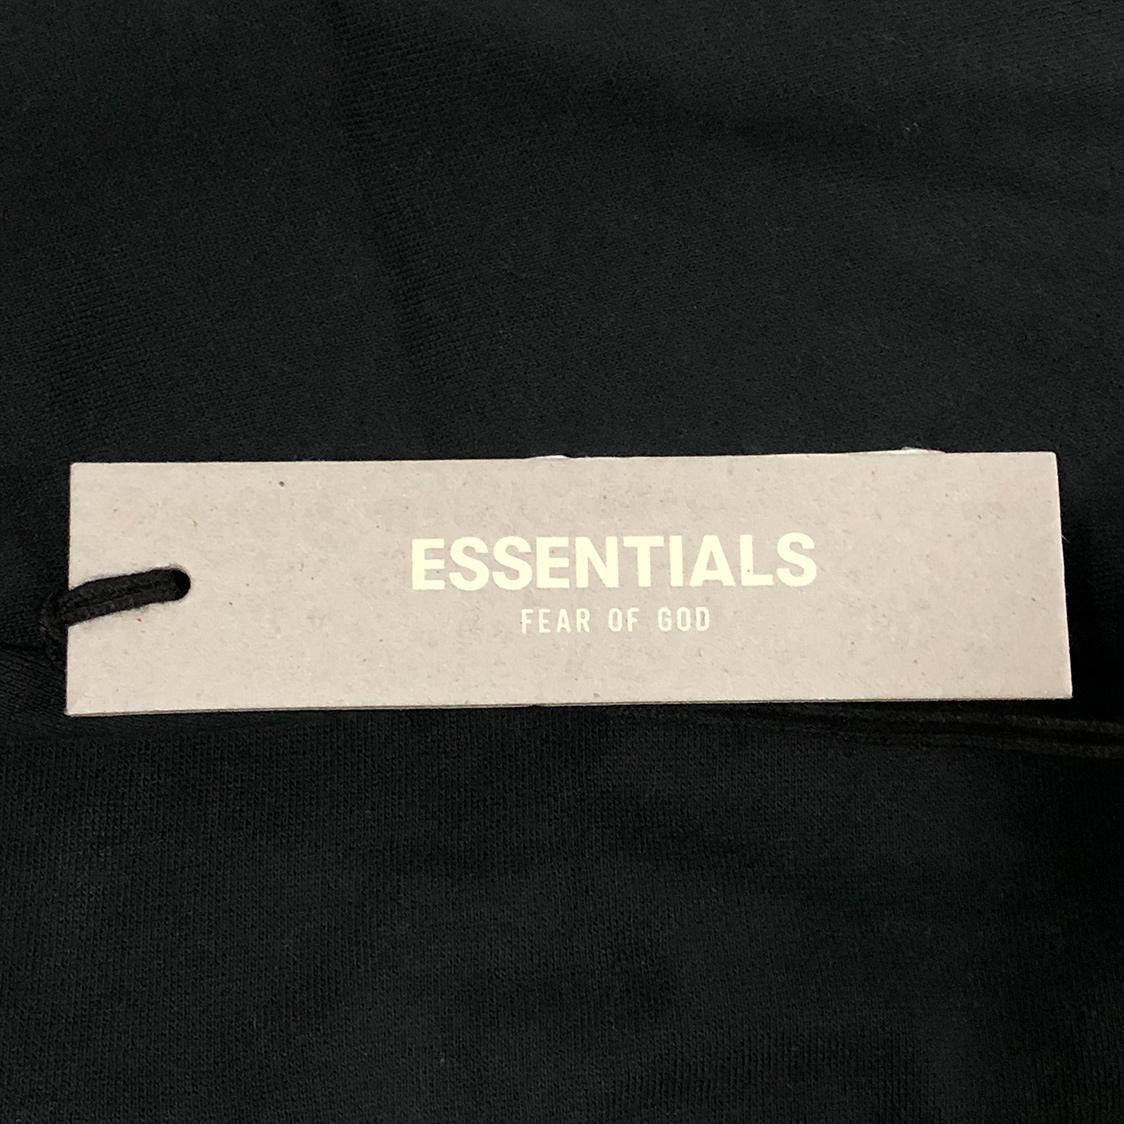 2020新作 新品 FOG Fear Of God Essentials フェアオブゴッド エッセンシャルズ 【Lサイズ】 LOGO パーカー フーディ エッセンシャル BLACK ブラック フォグ